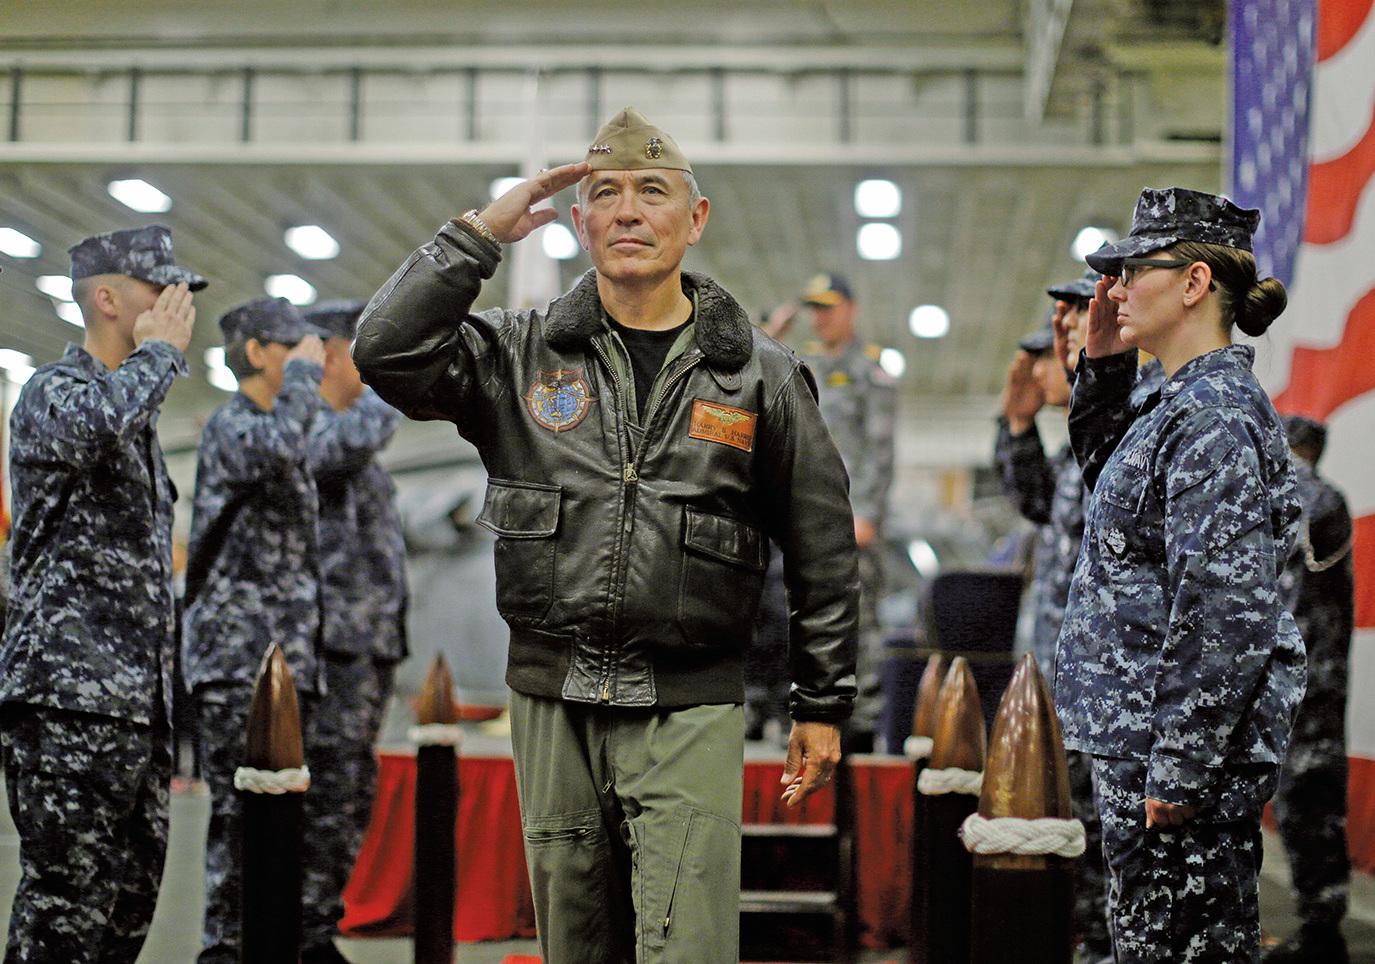 多家媒體引述消息人士稱,特金會前夕,特朗普計劃提名海軍上將哈里斯,為美國駐南韓大使。哈里斯是出了名的對華鷹派人物。(Getty Images)